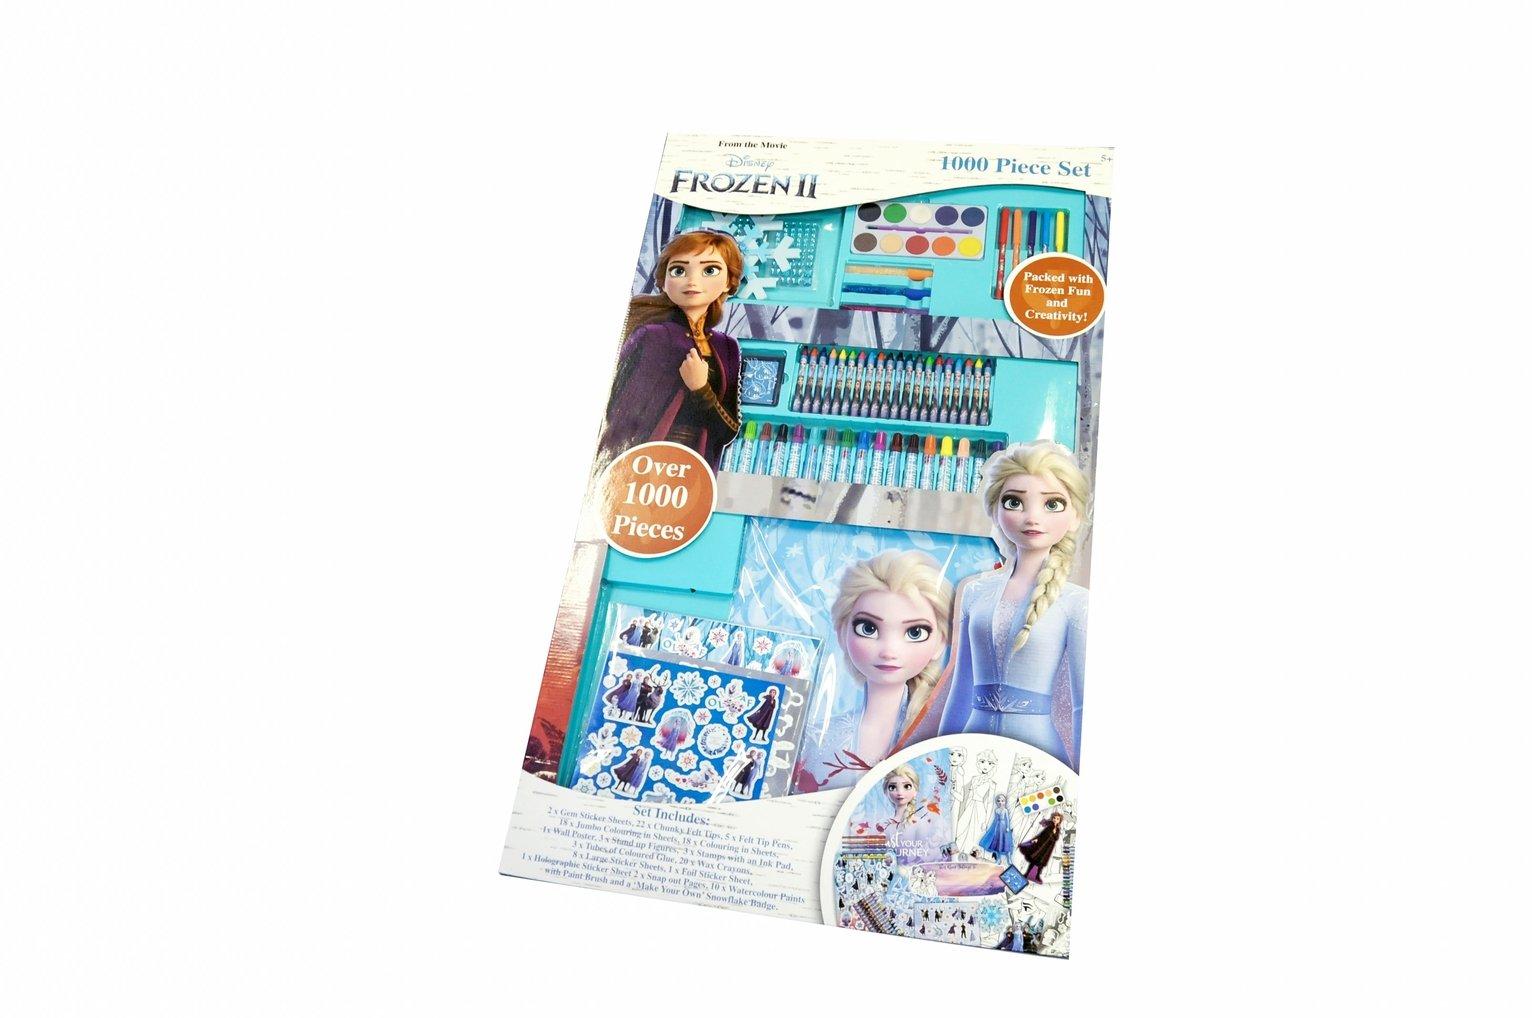 Frozen 2 1000 Piece Stationery Set